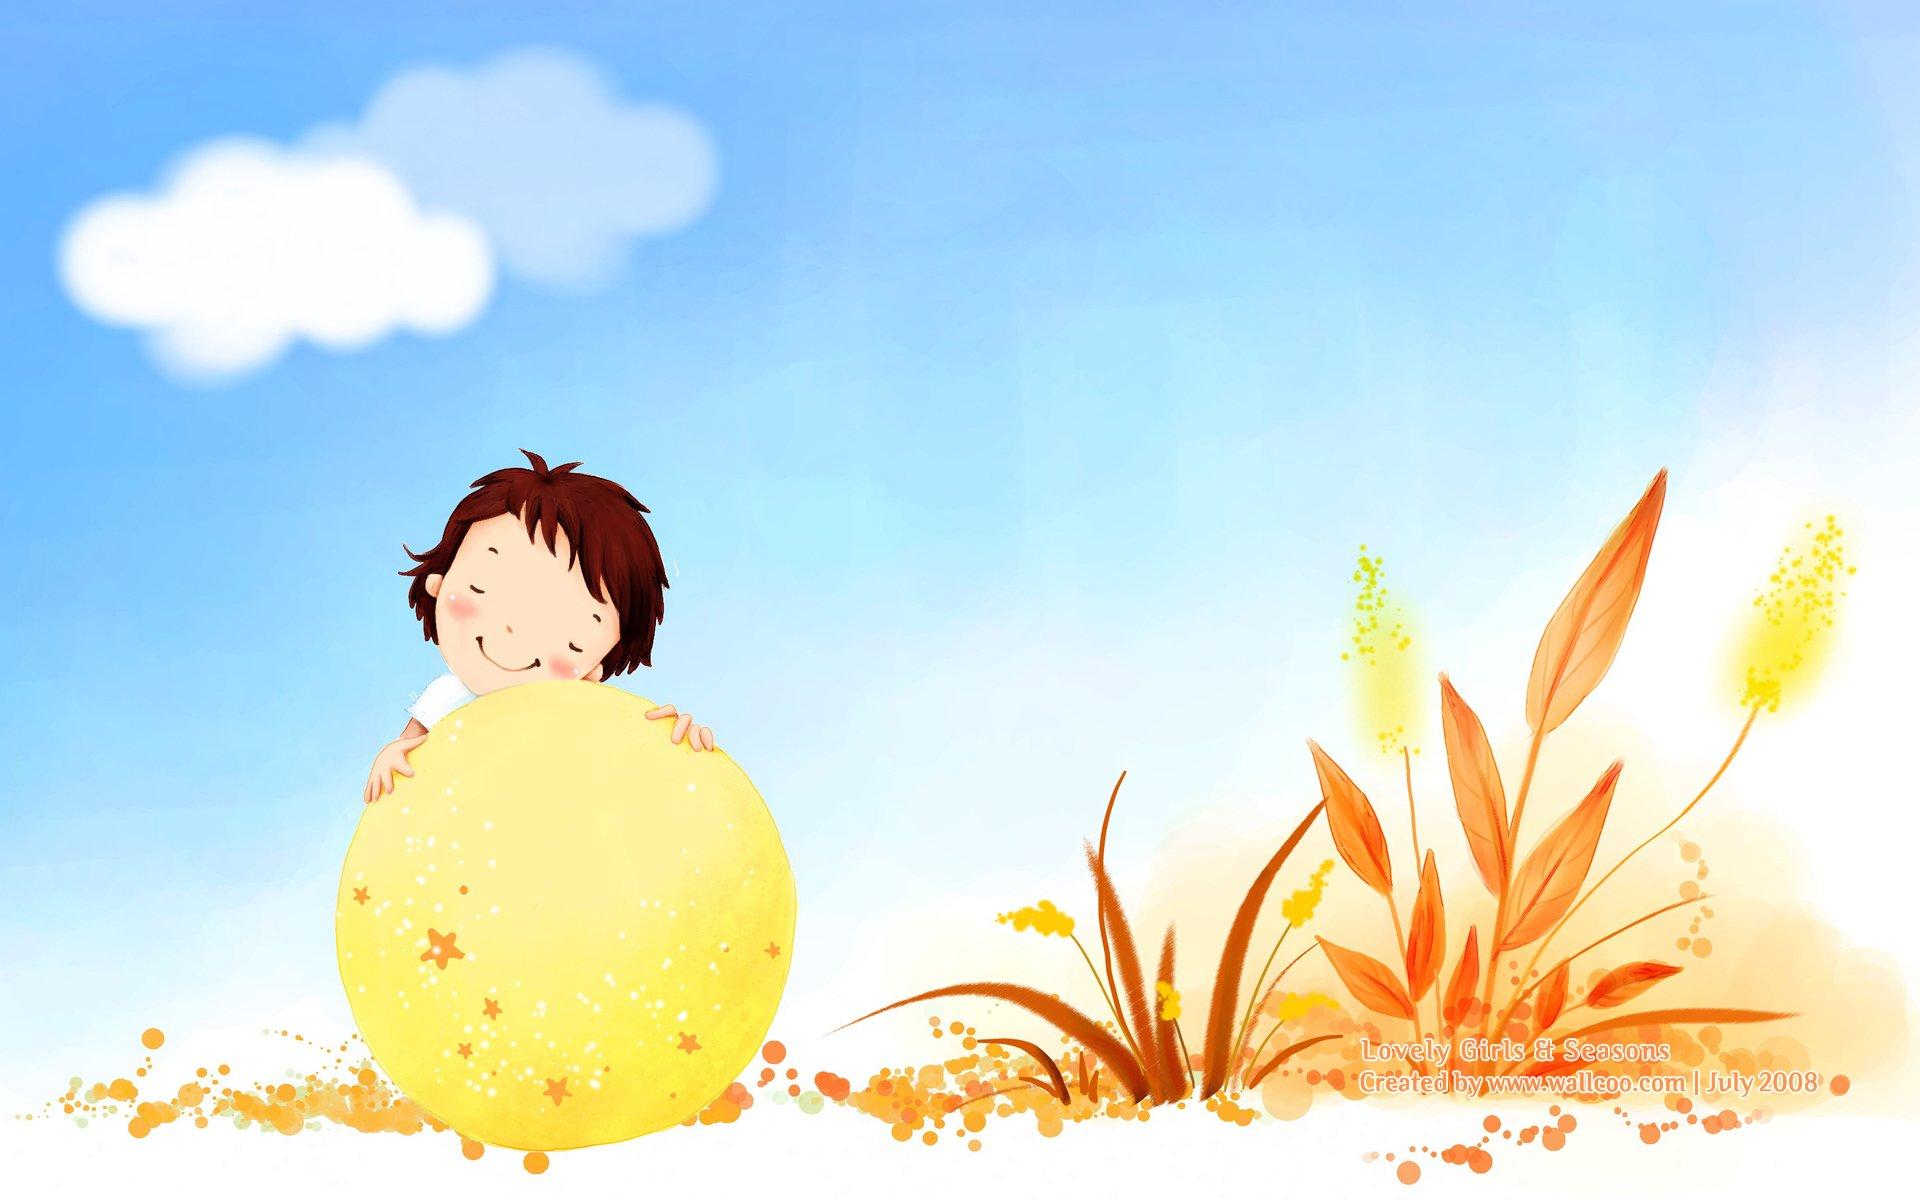 可爱的卡通小女孩一(12p)